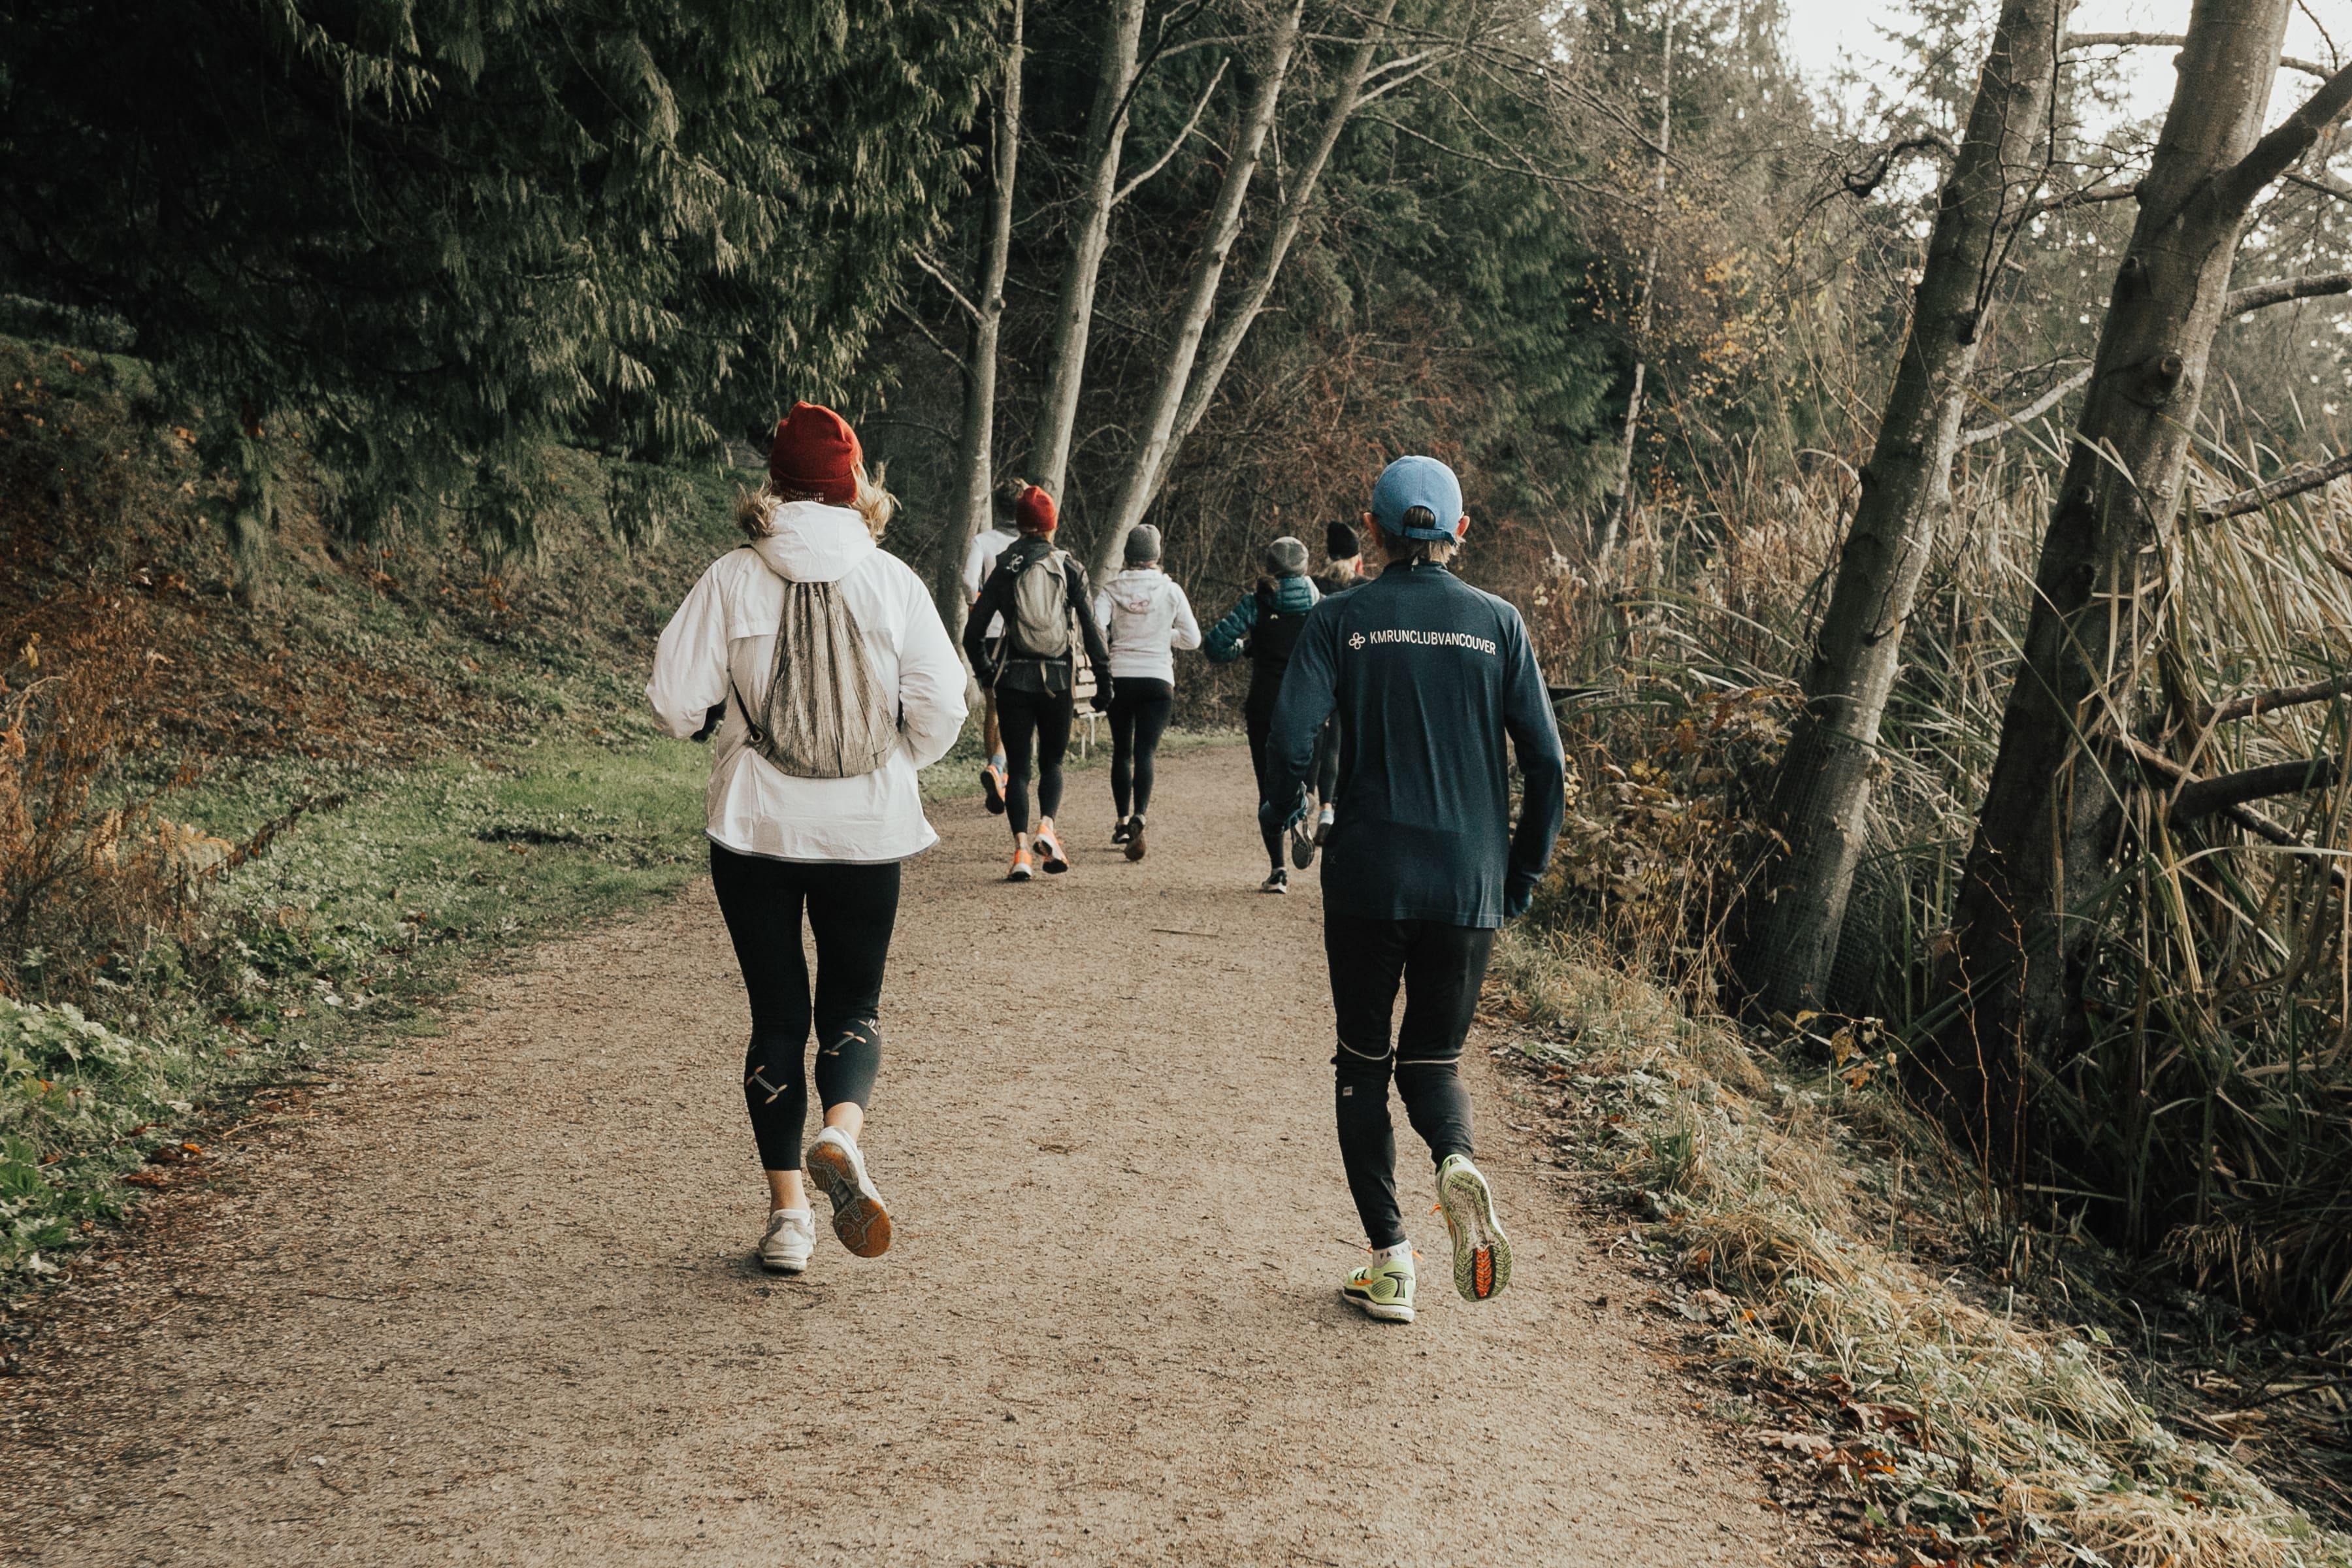 KM members running on path between trees